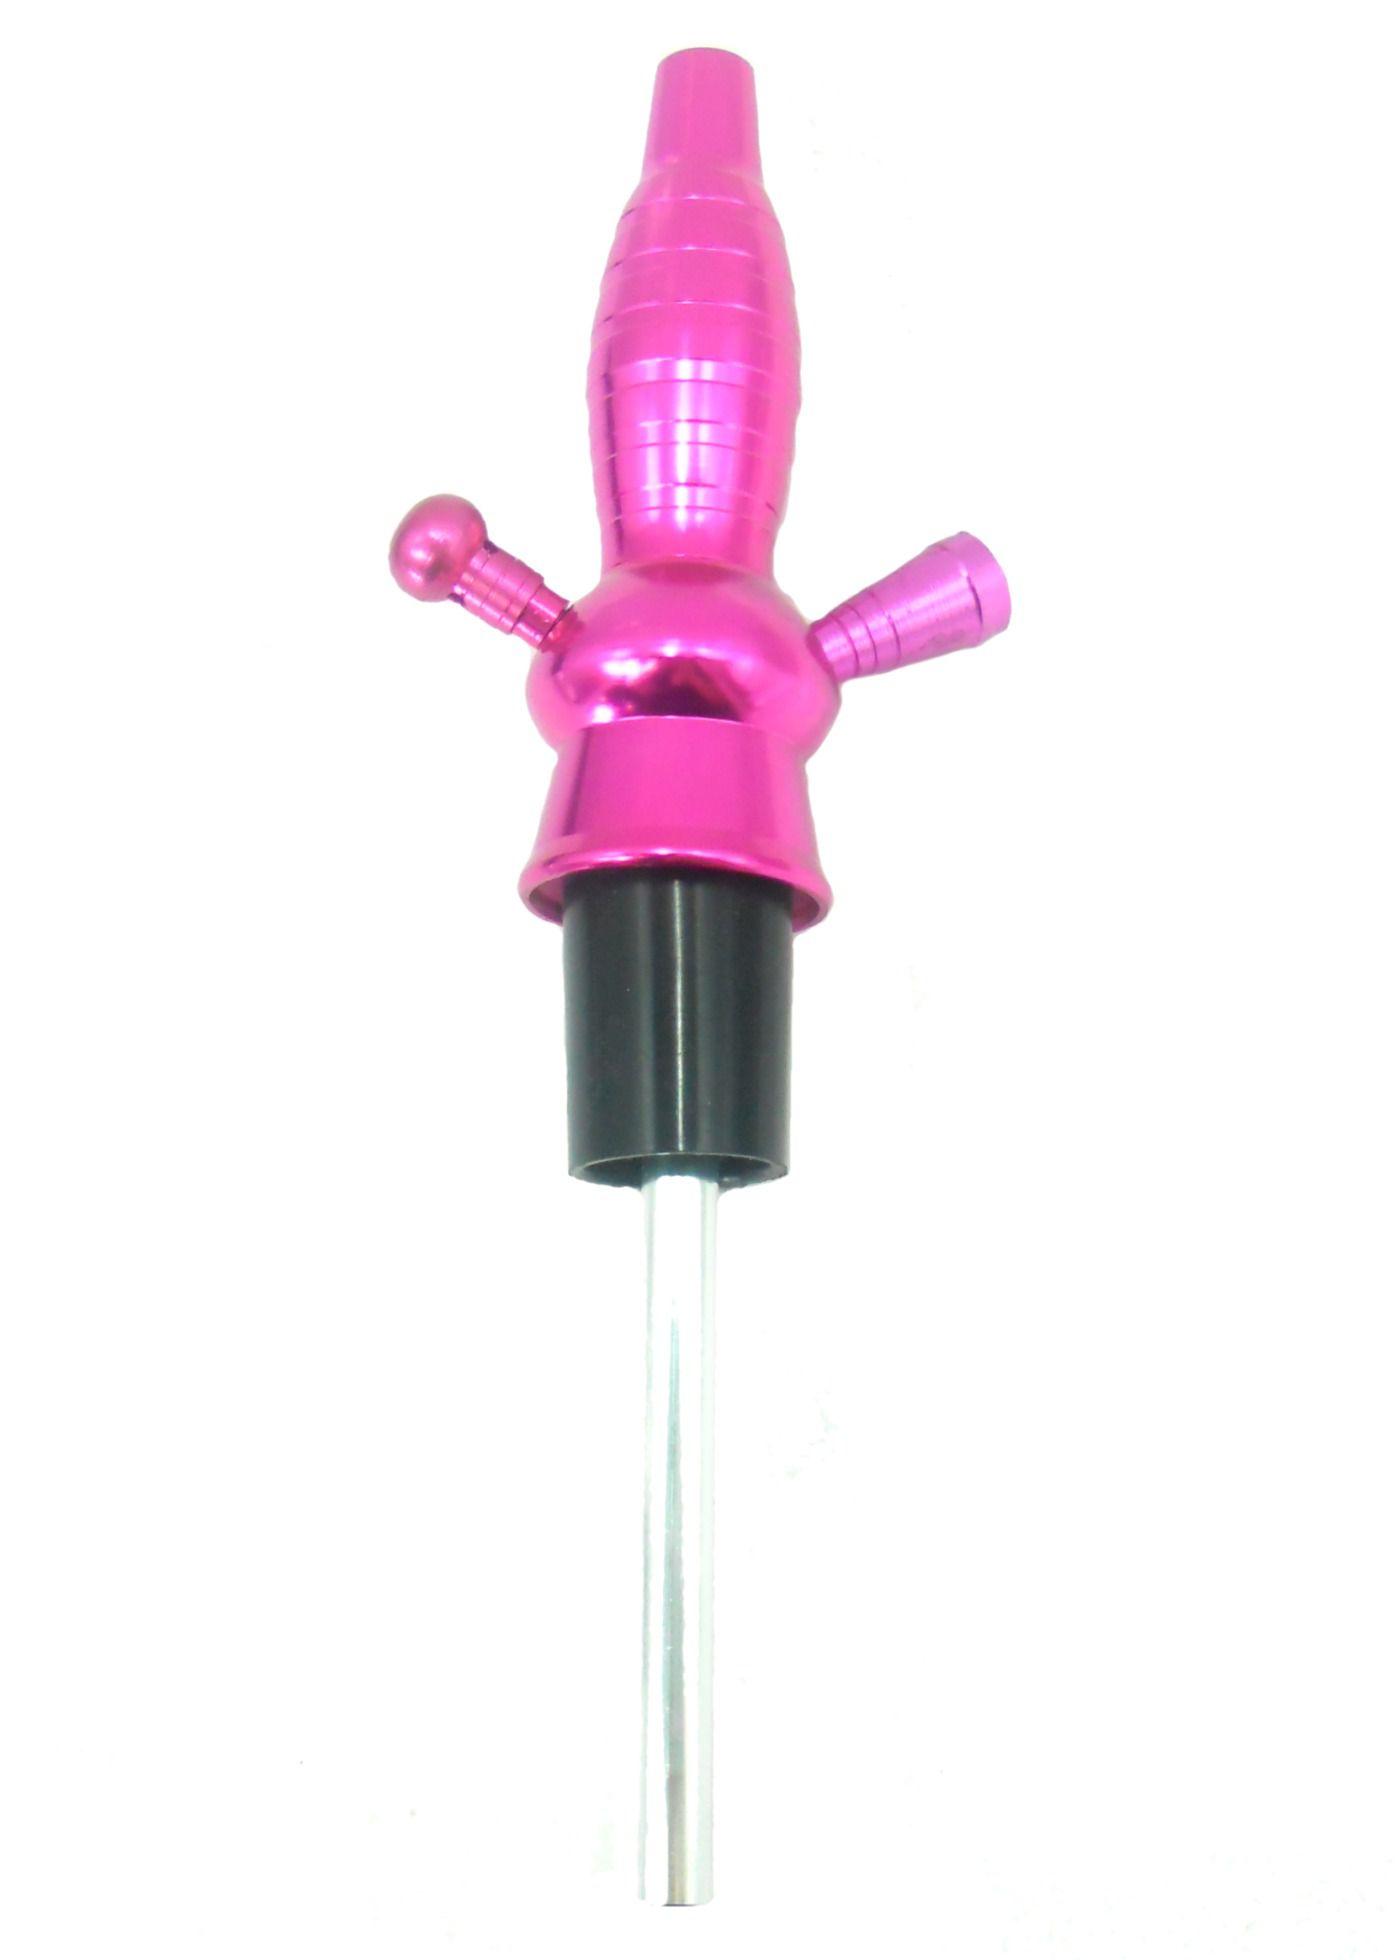 Stem (corpo de narguile) em alumínio marca NEW p/NARGUILE DE GARRAFA + Downstem (tubo interno). 31cm